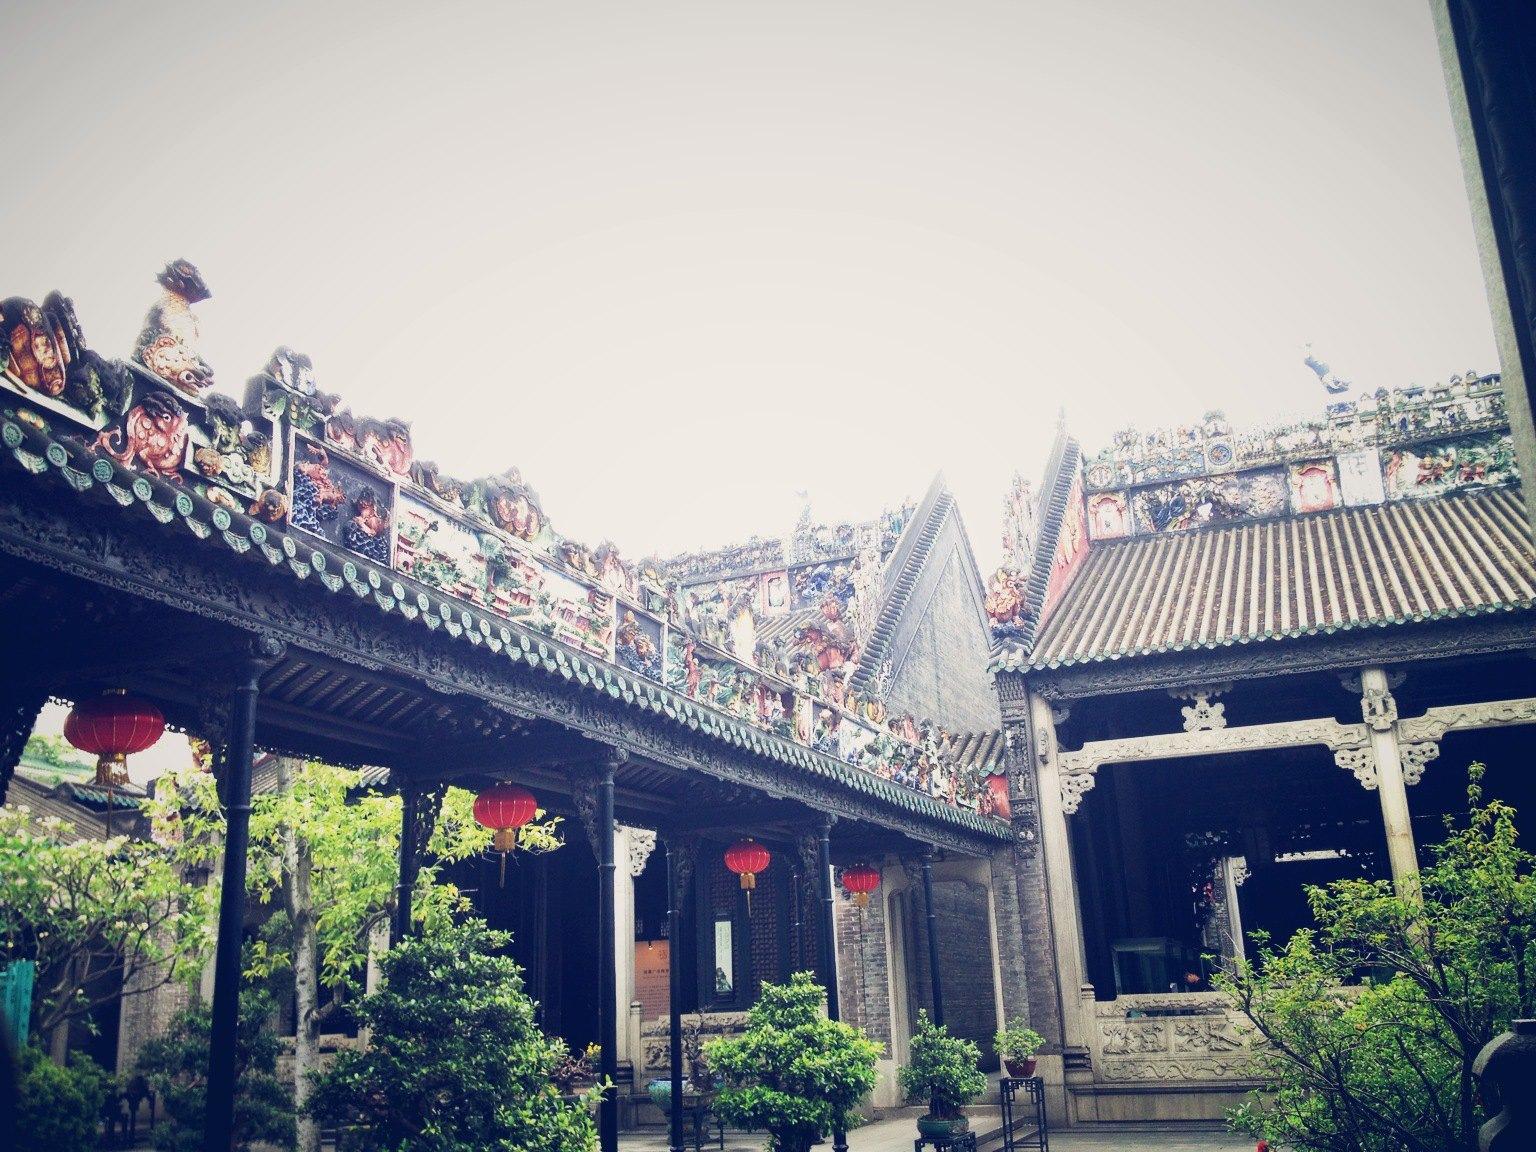 来羊城.广州是个大观园!